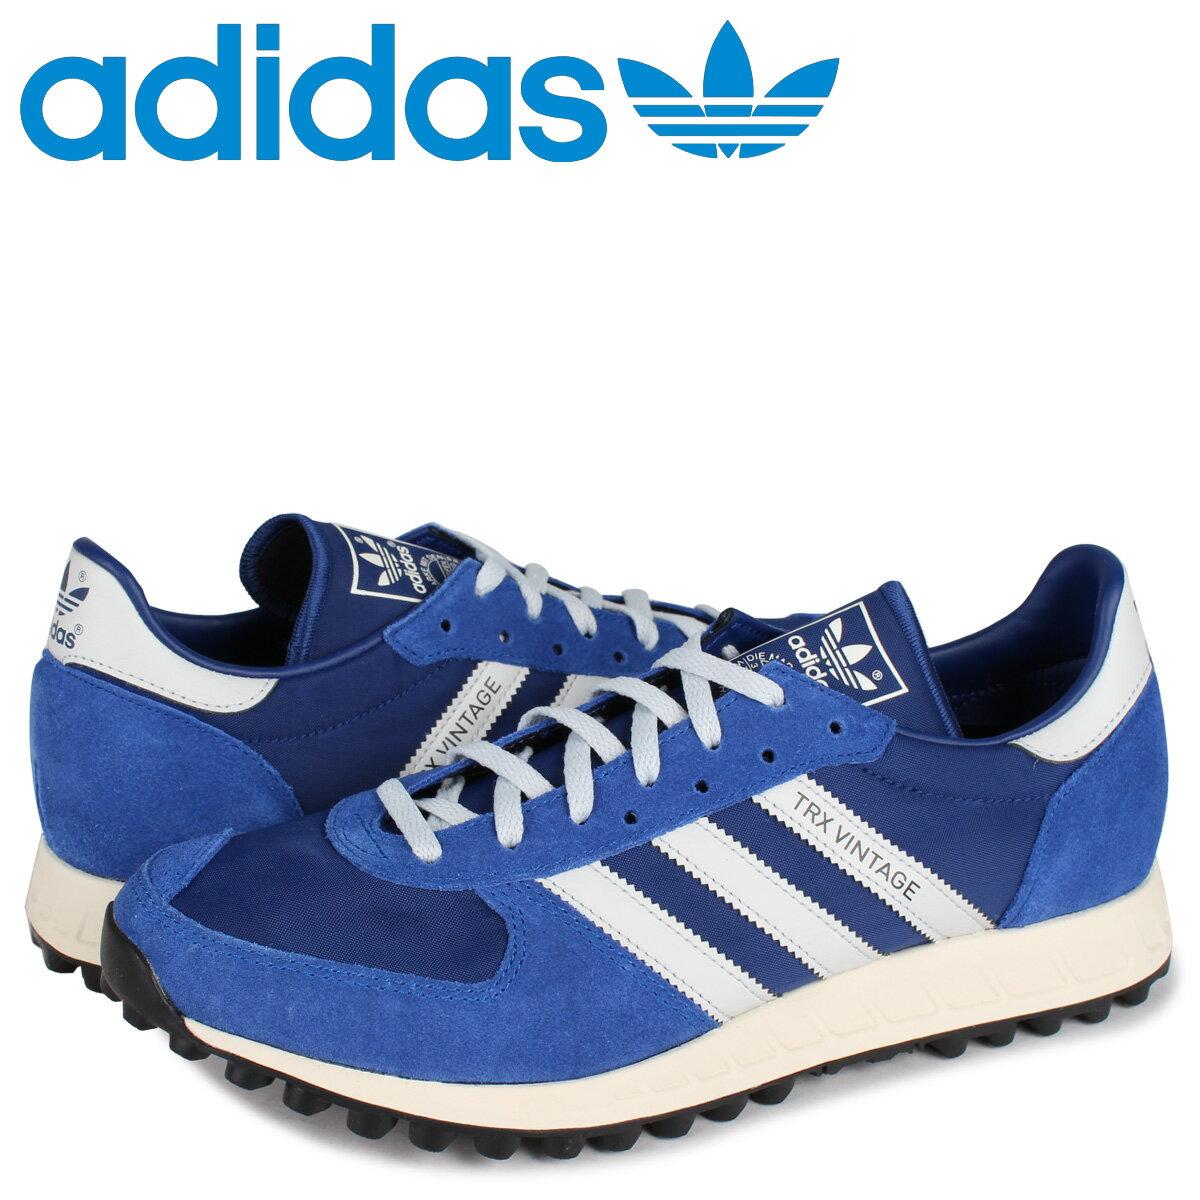 メンズ靴, スニーカー  adidas Originals TRX TRX VINTAGE FY3651